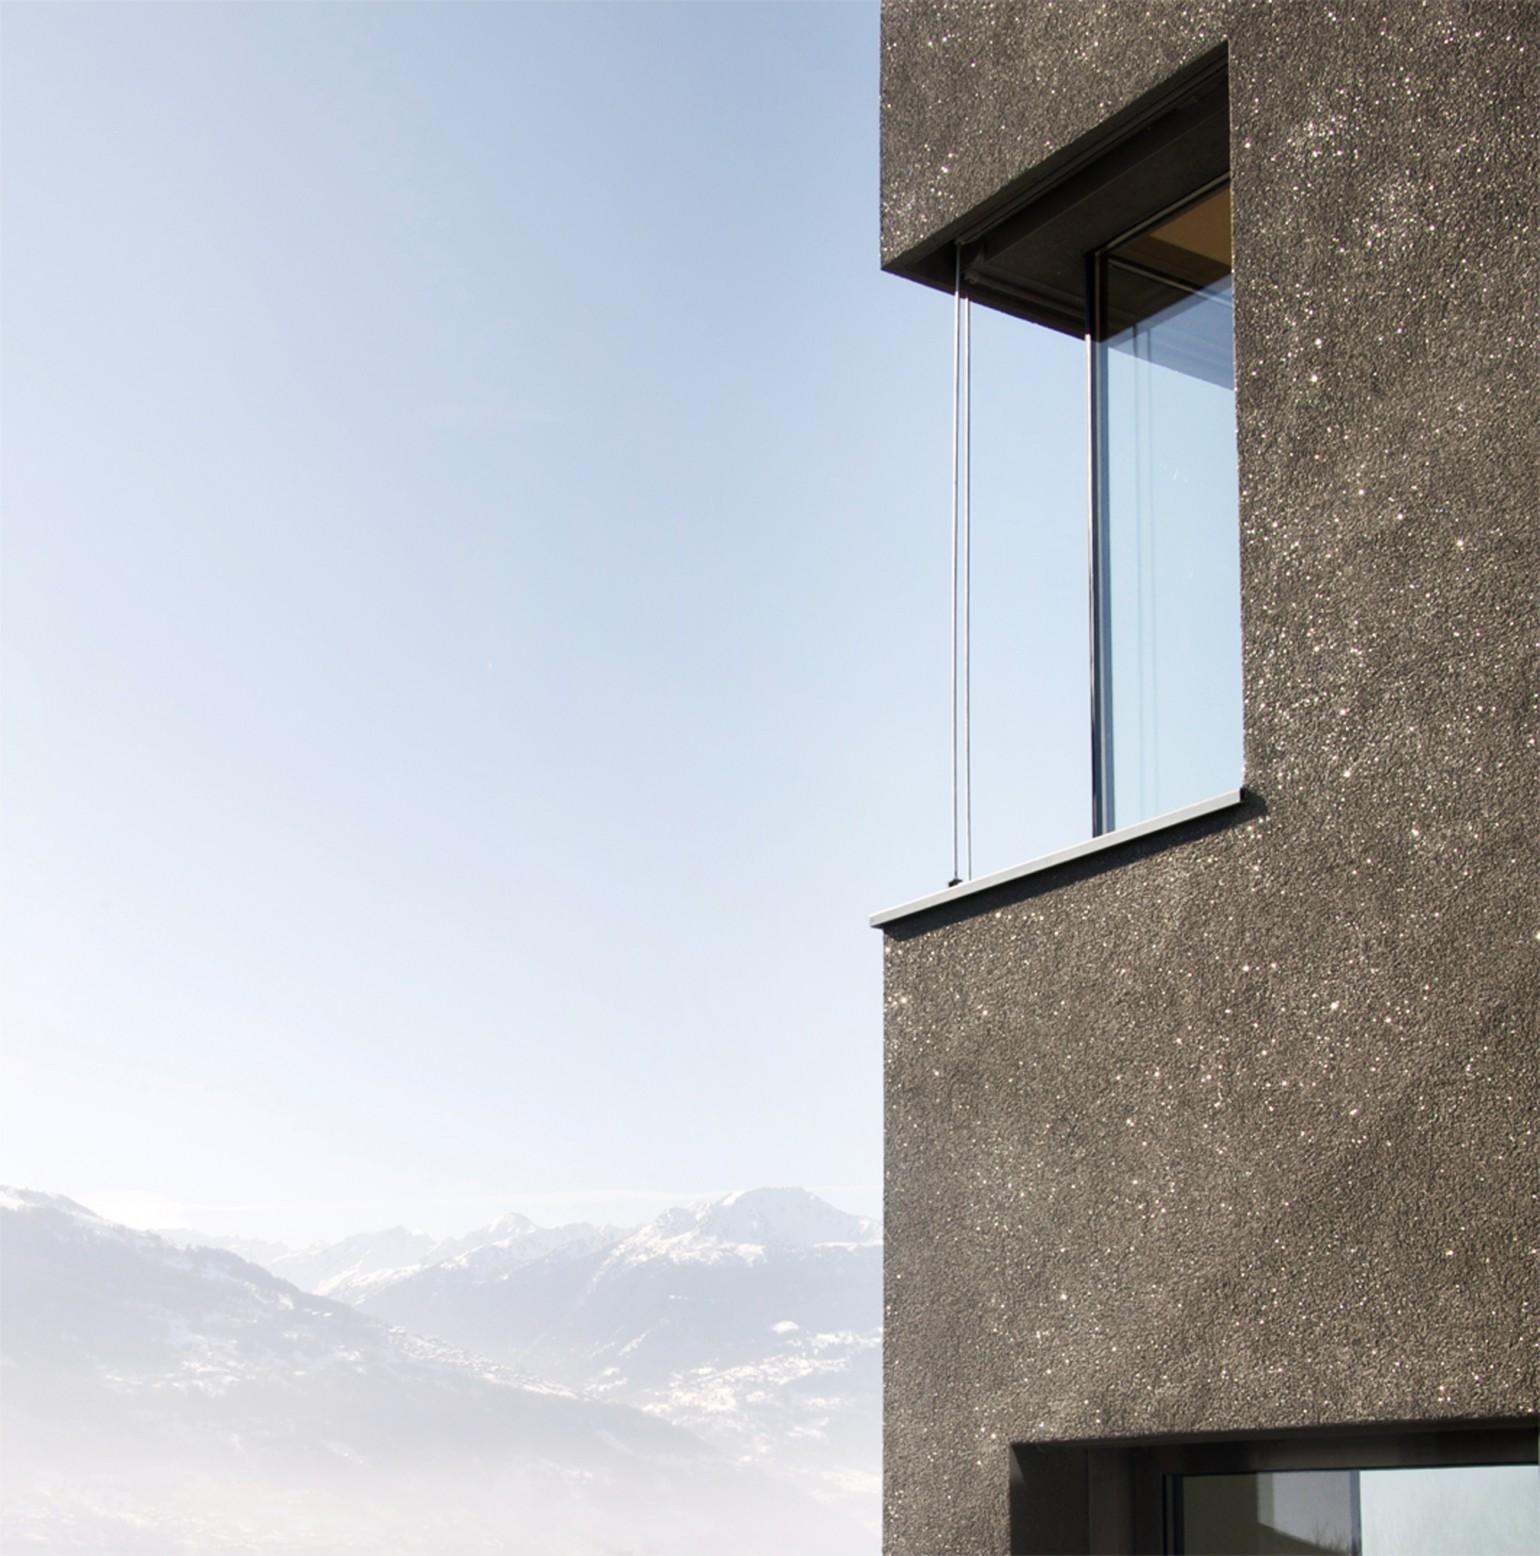 maison-revaz-grimisuat-meyer-architecture-sion-05